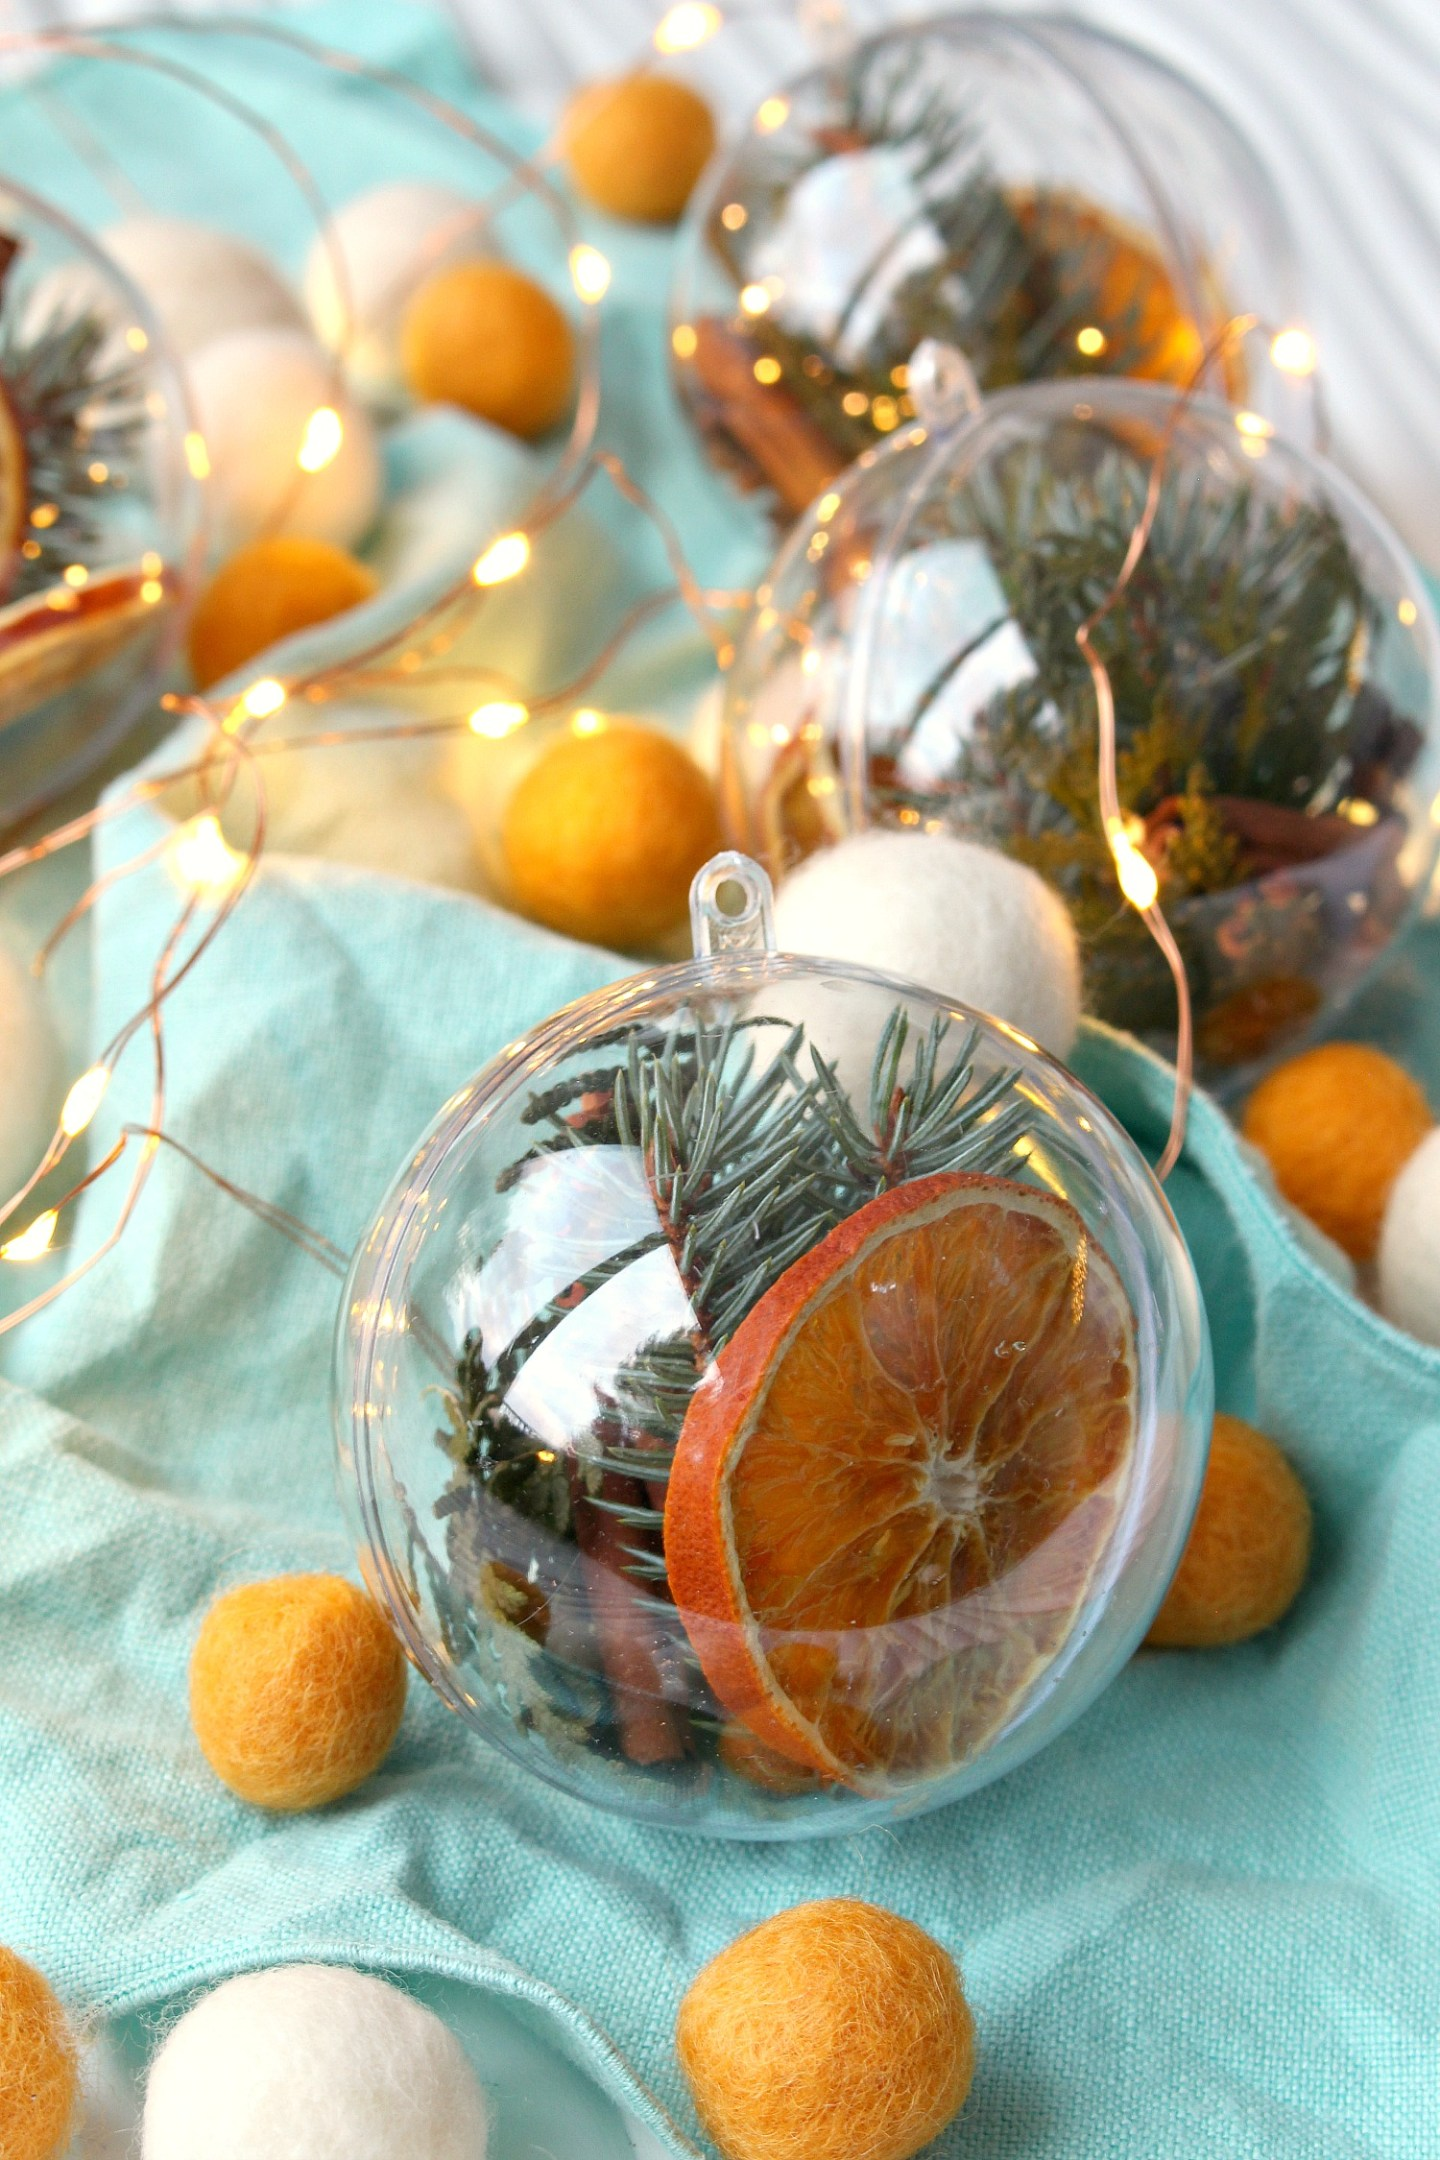 Zero Waste Christmas Ornament Ideas